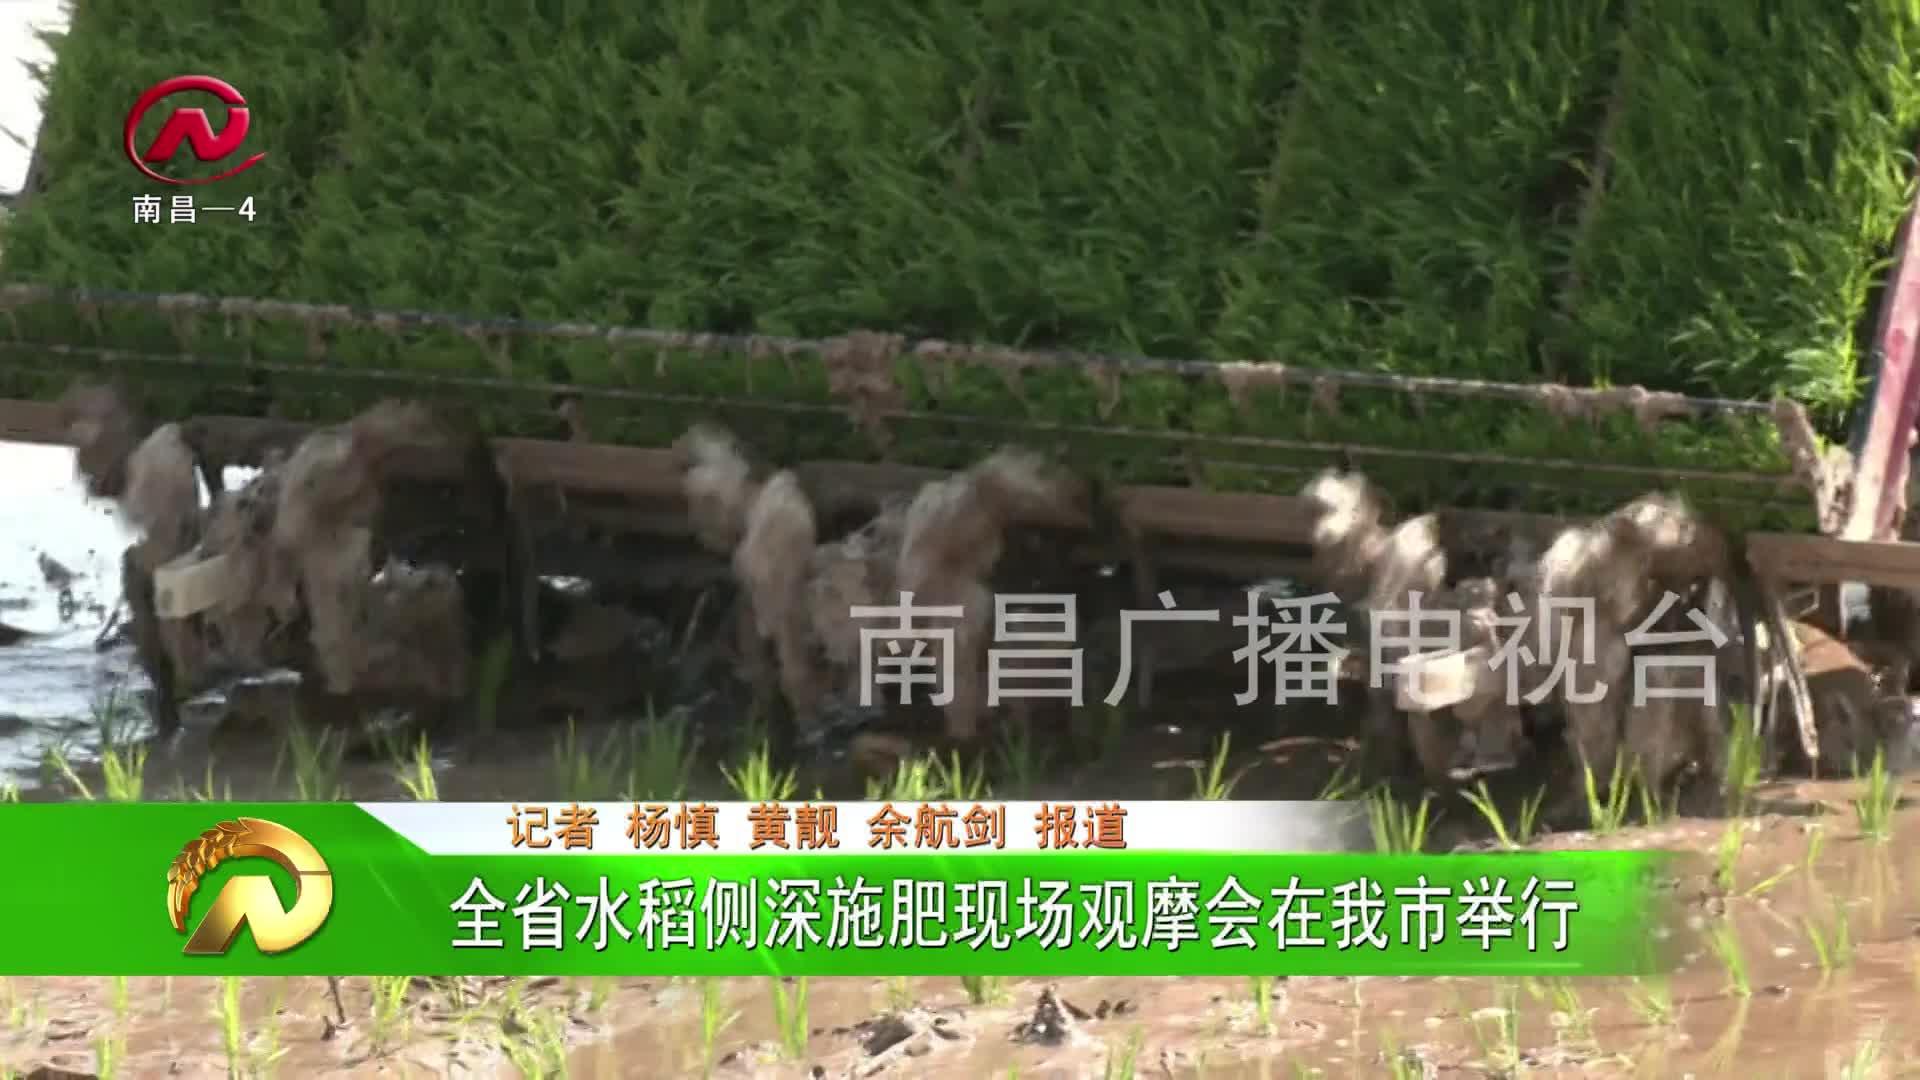 【豫章农视】全省水稻侧深施肥现场观摩会在我市举行